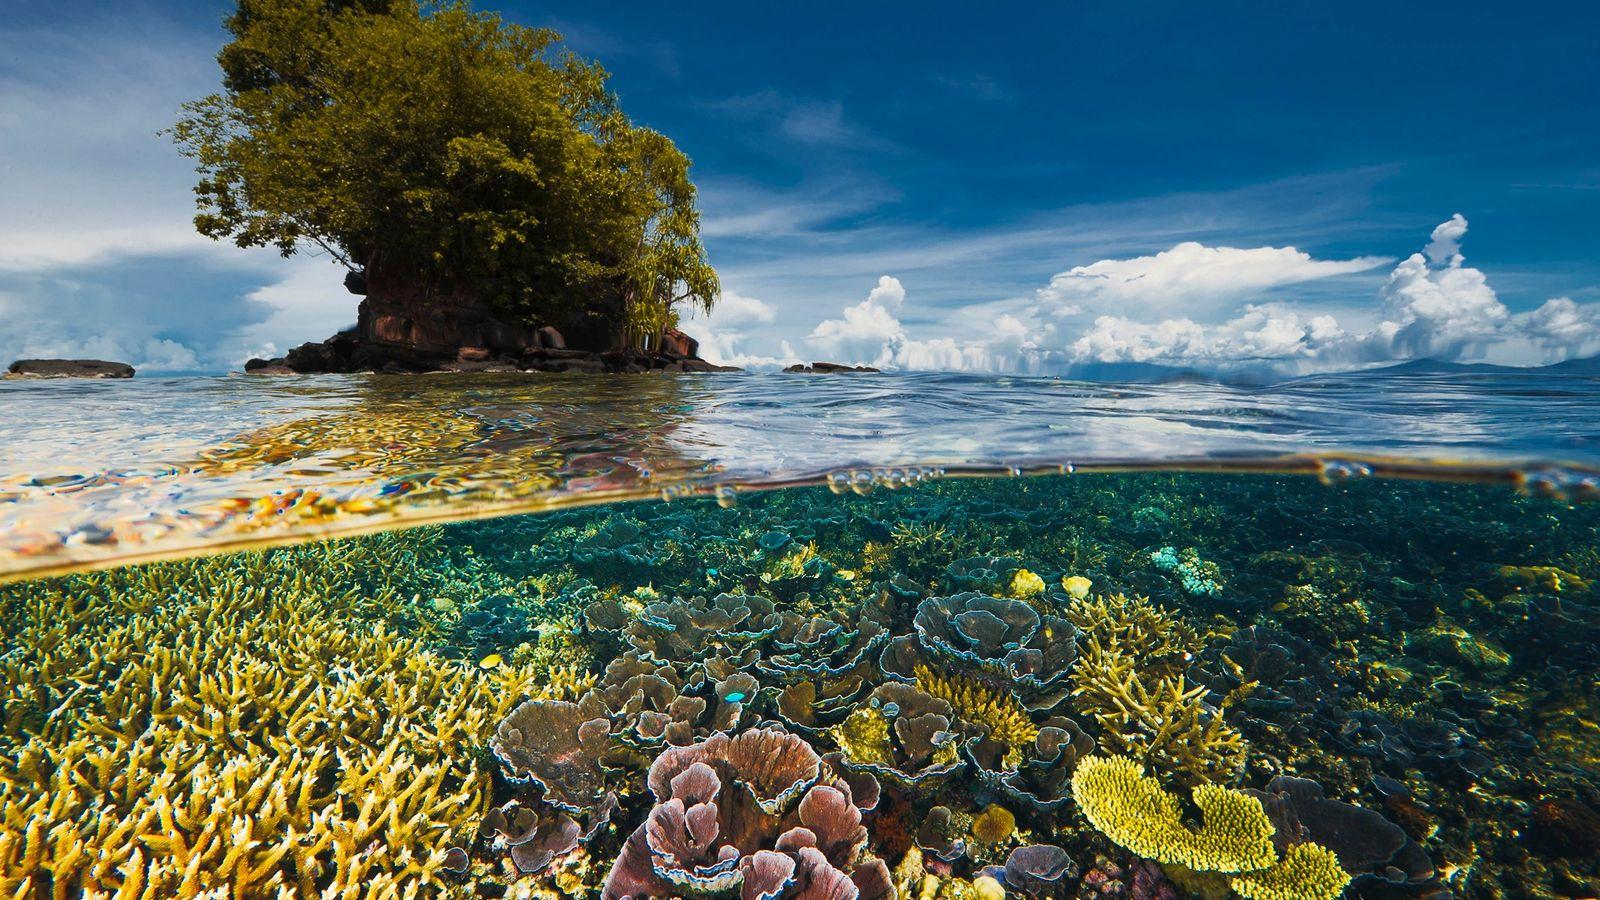 Eine nahe gelegene Halbinsel schützt einen empfindlichen Korallengarten in der Kimbe-Bucht bei New Britain Island in ...